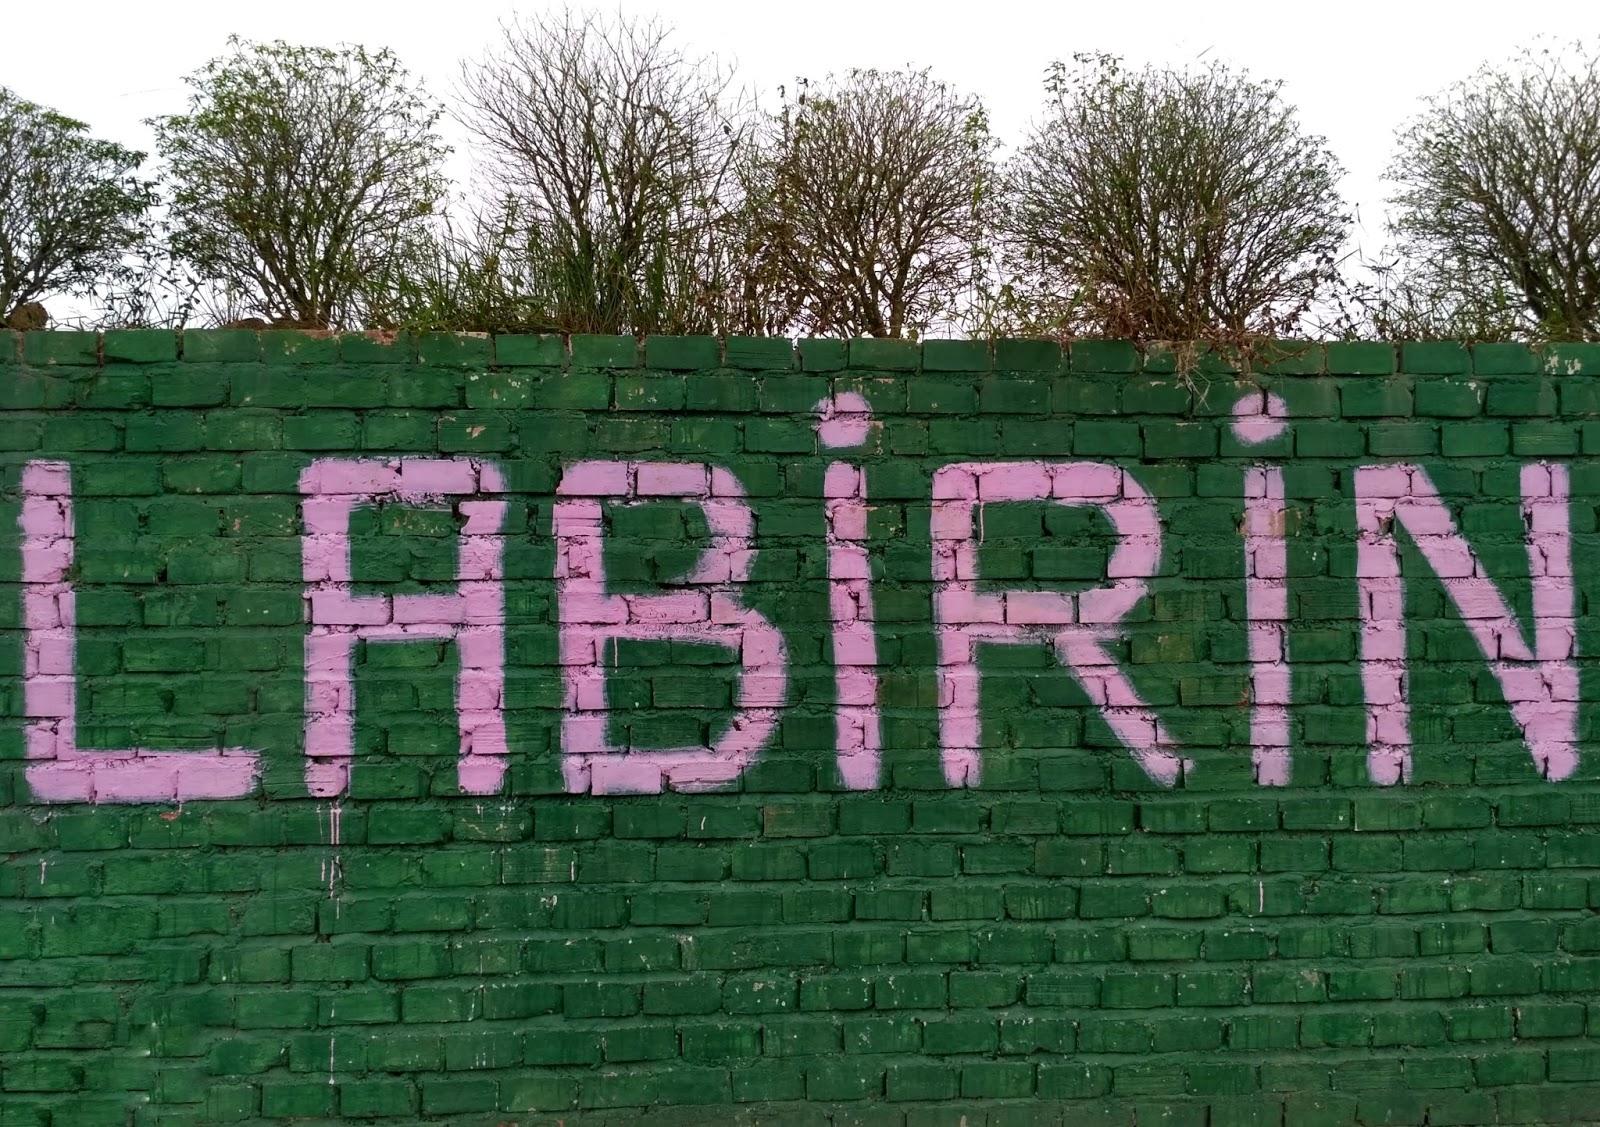 Jambi Paradise 18 Kegiatan Bisa Kamu Lakukan Surganya Kota Buatlah